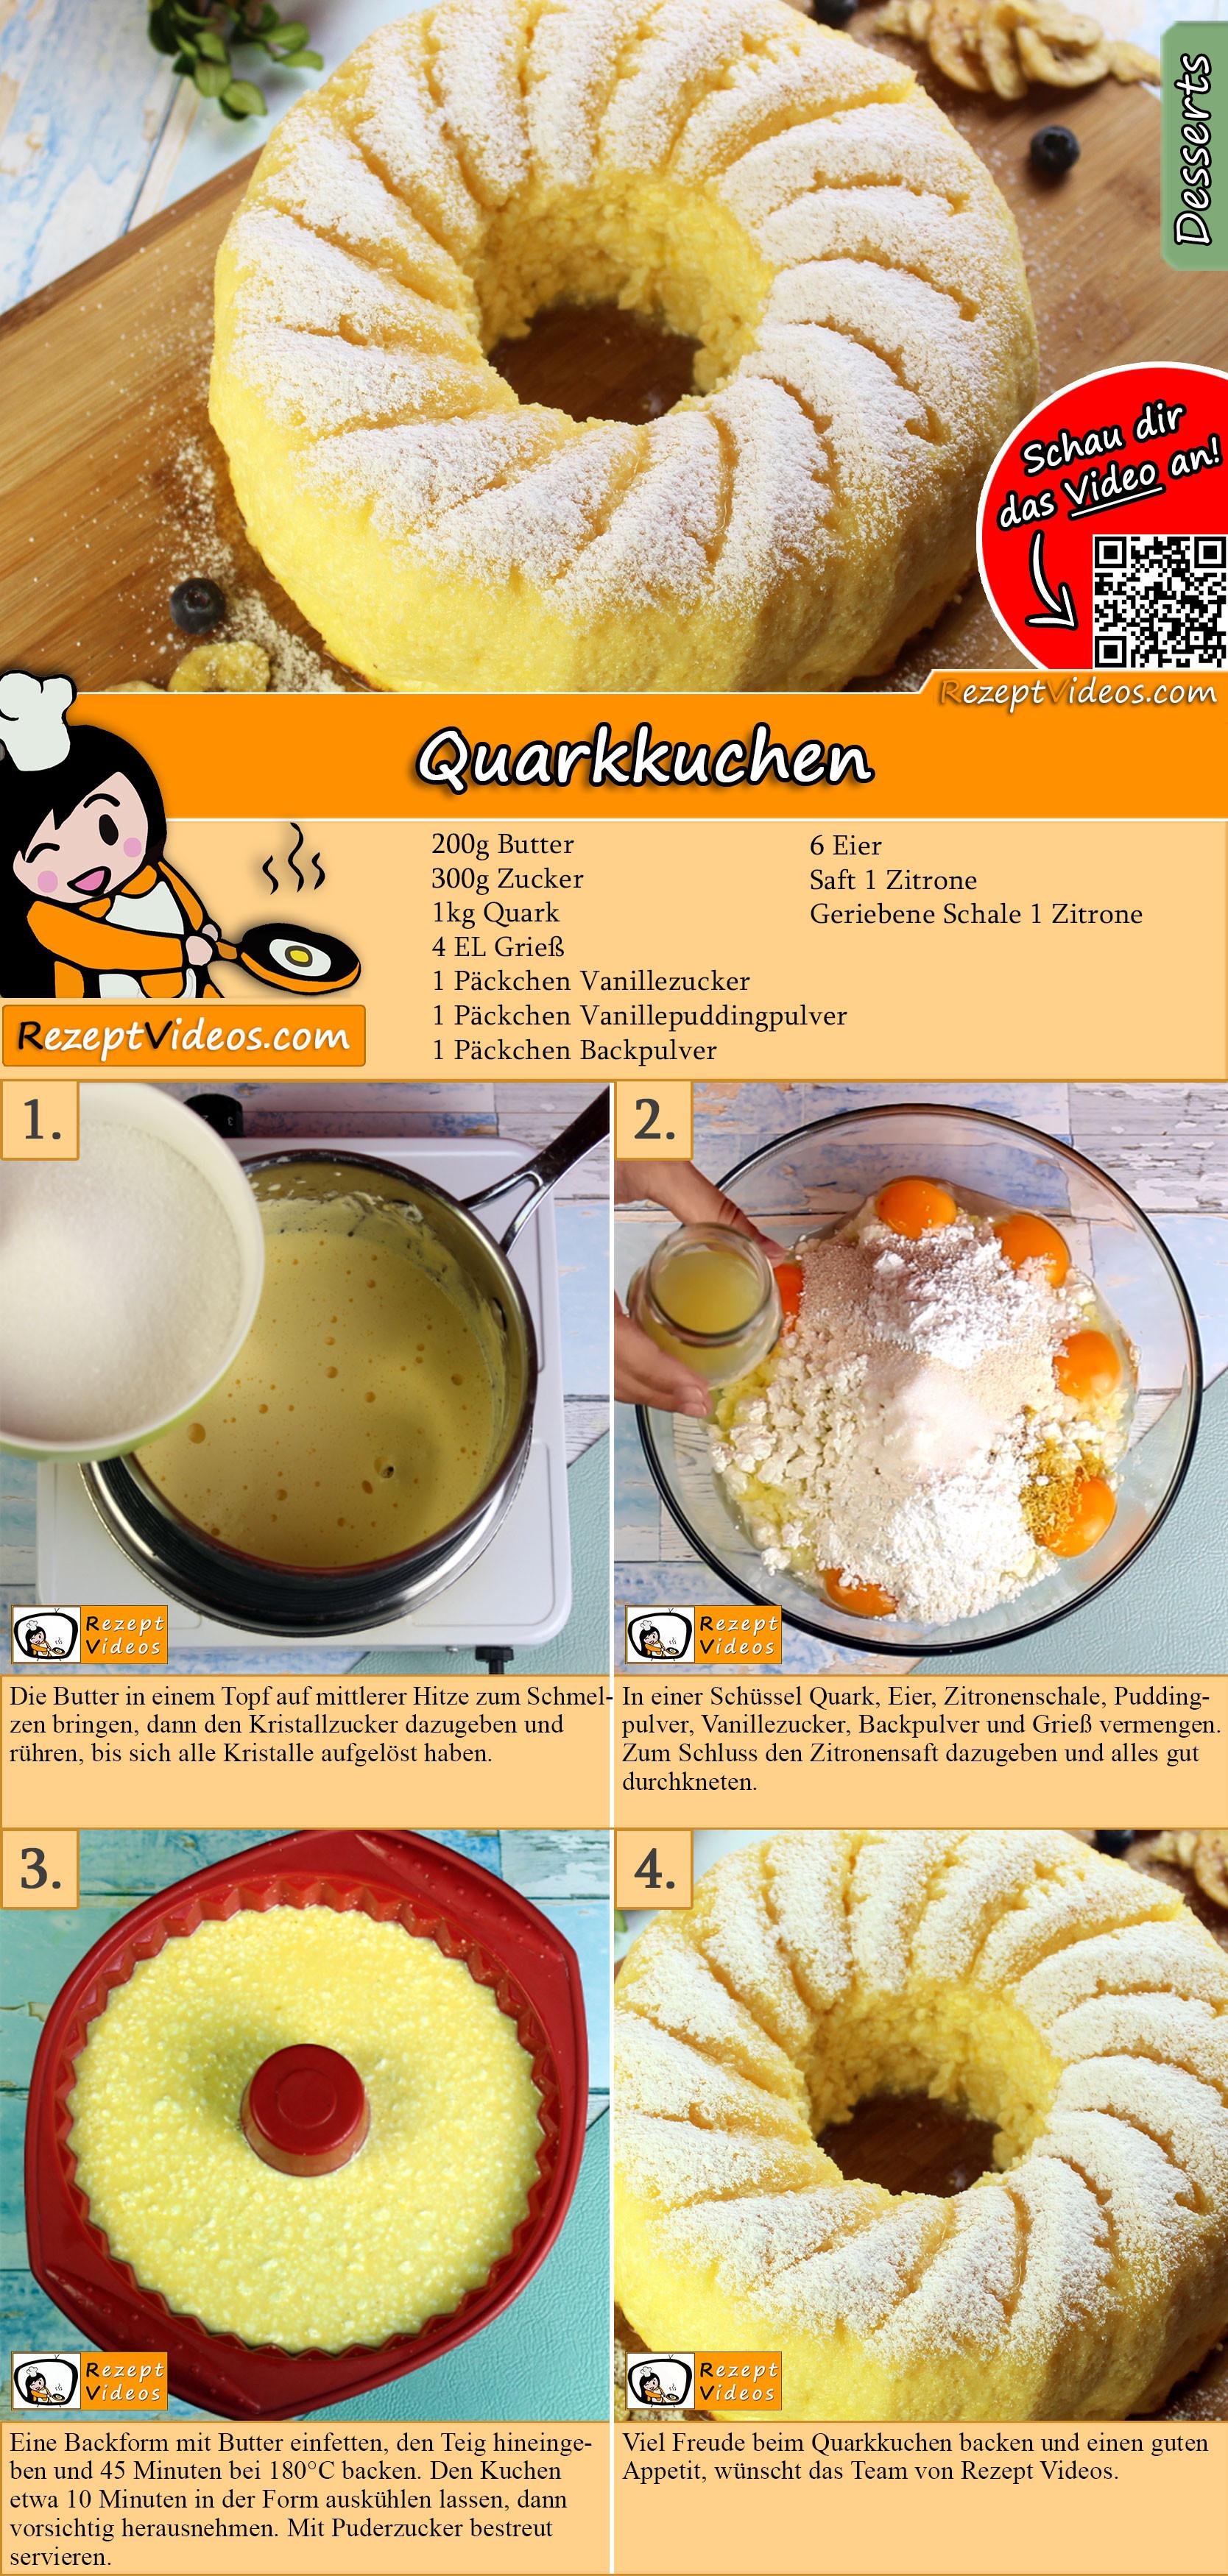 Quarkkuchen Rezept mit Video